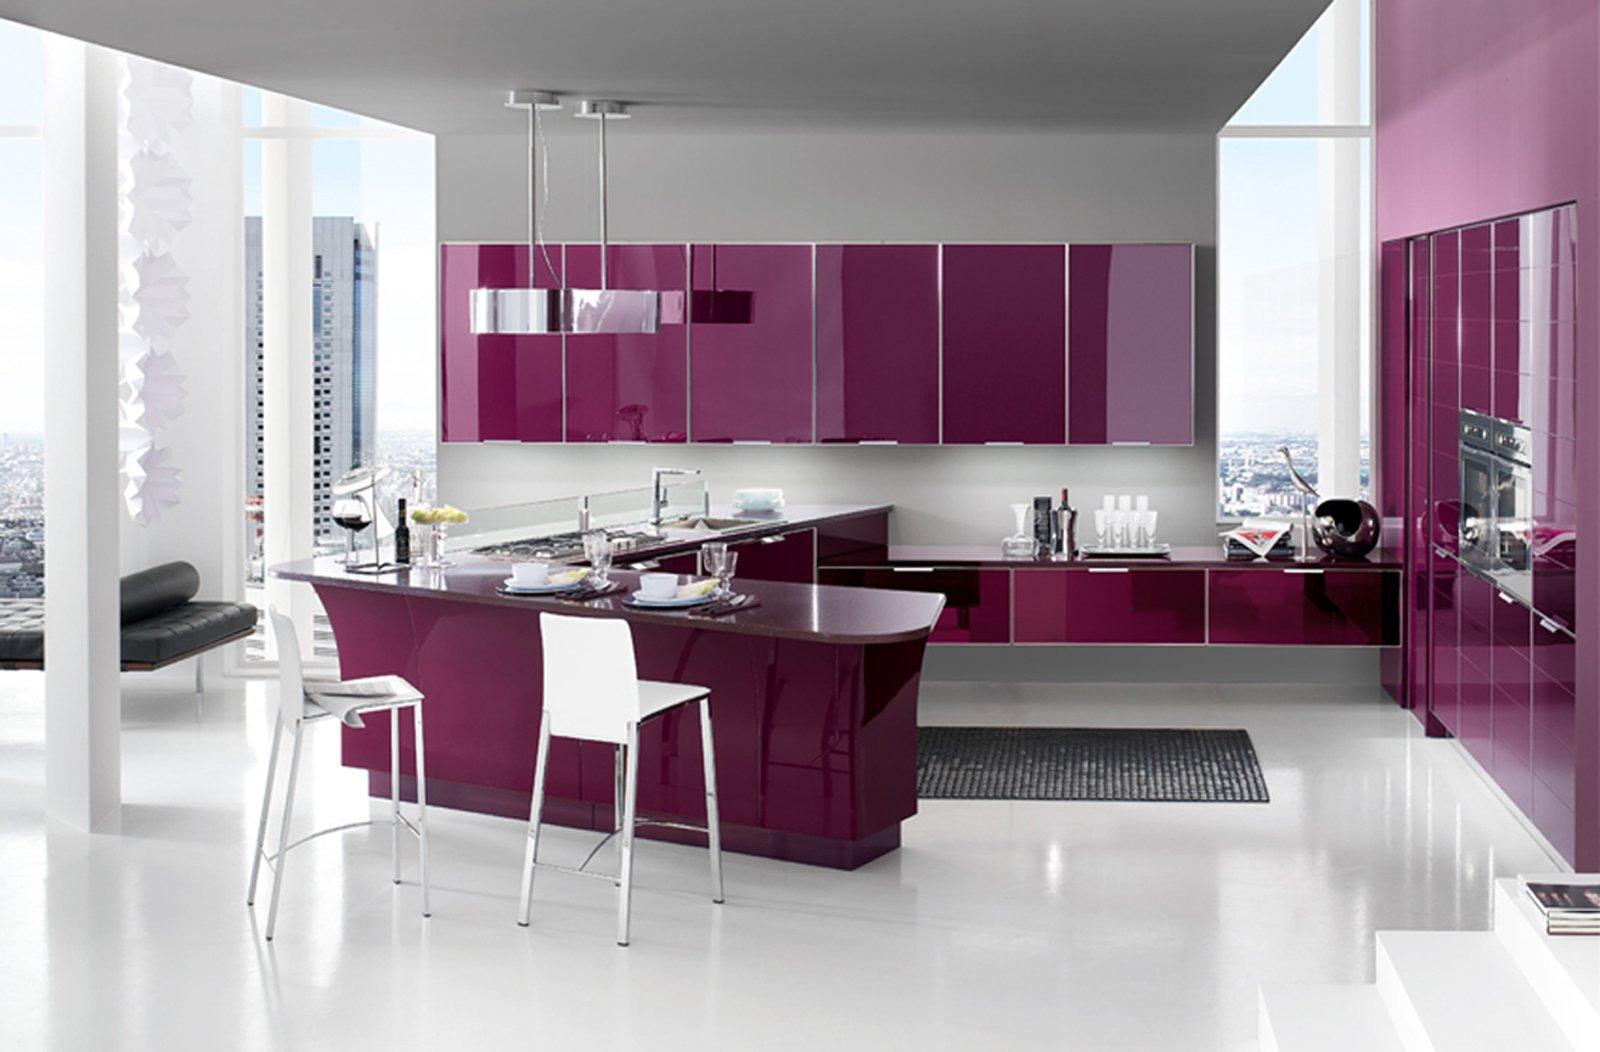 Cucine in vetro con superfici a specchio for Mobilya arredamenti